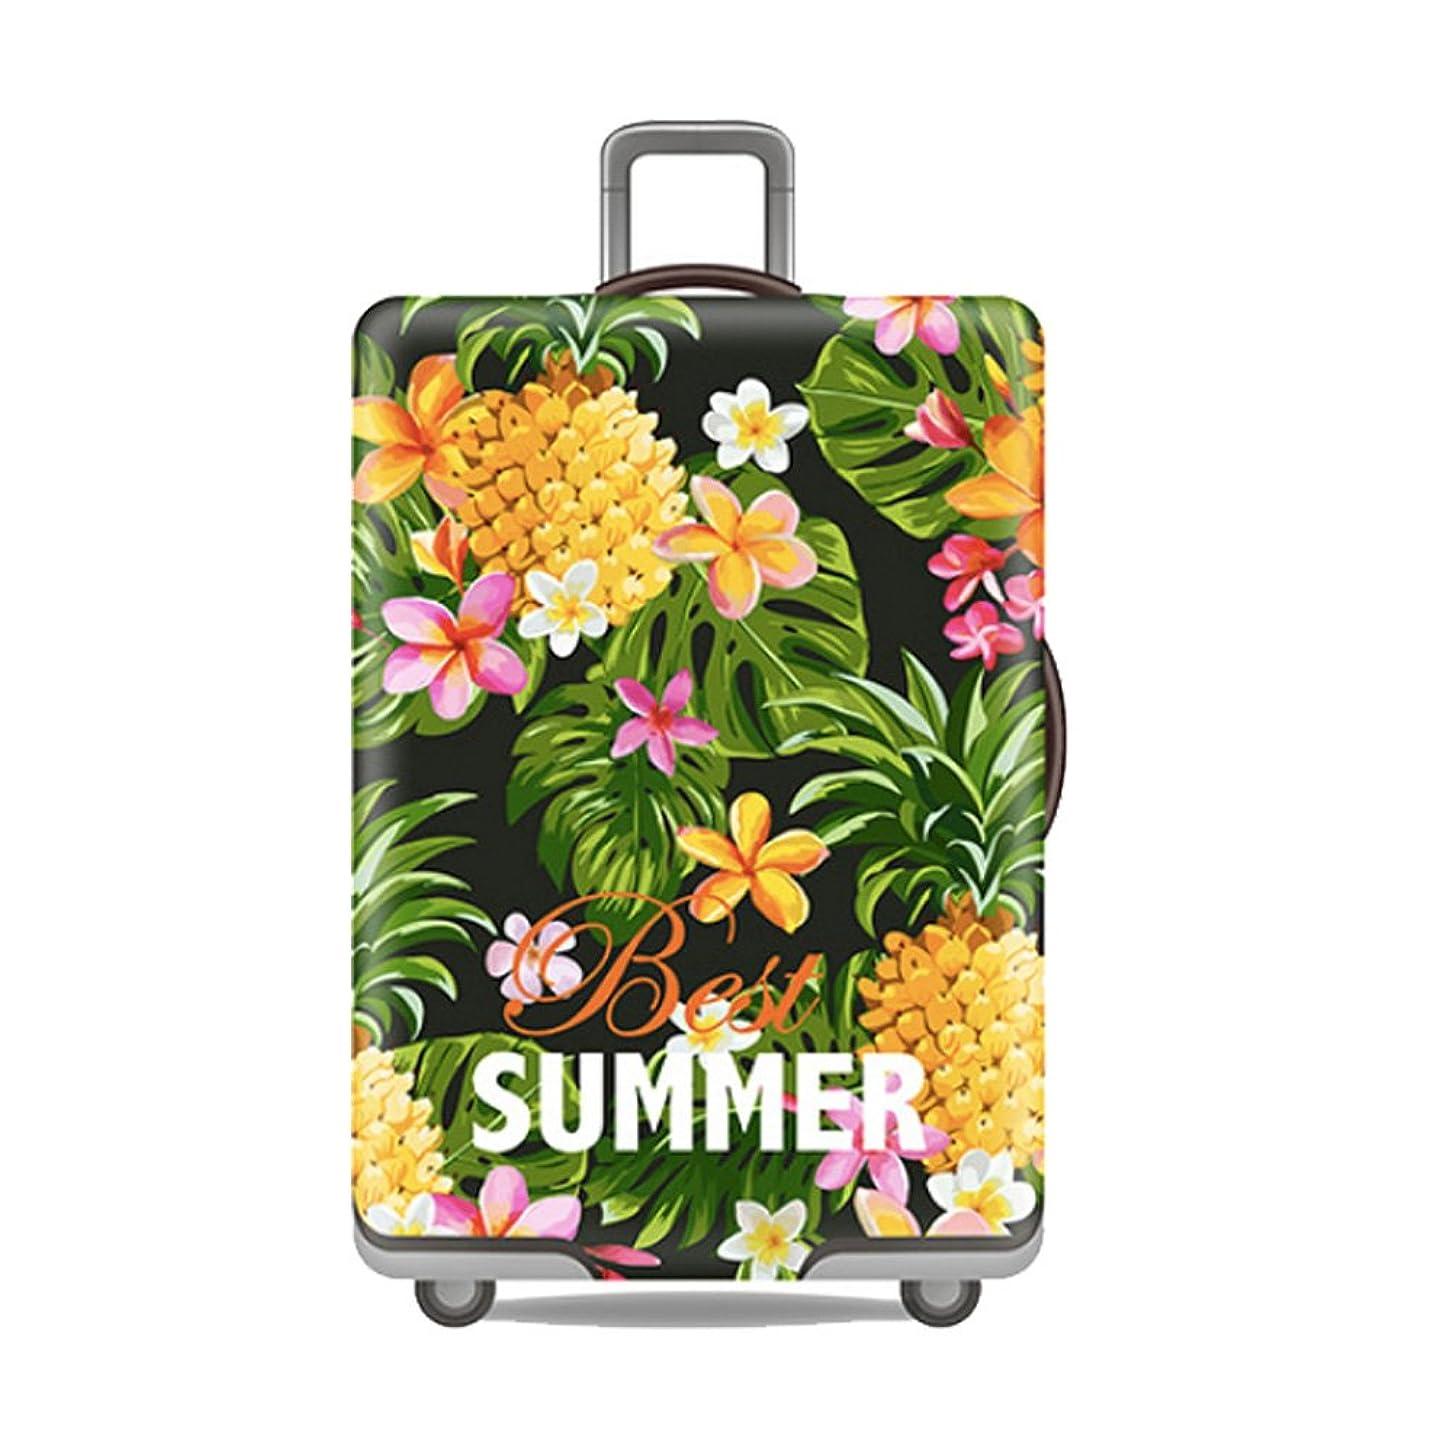 モナリザ苦情文句かもめFishtravel スーツケース カバー 伸縮 保護 洗える おしゃれ 旅行 海外 夏 キャリーバッグ カバー キズから保護 便利 ジッパー S M L XLサイズ